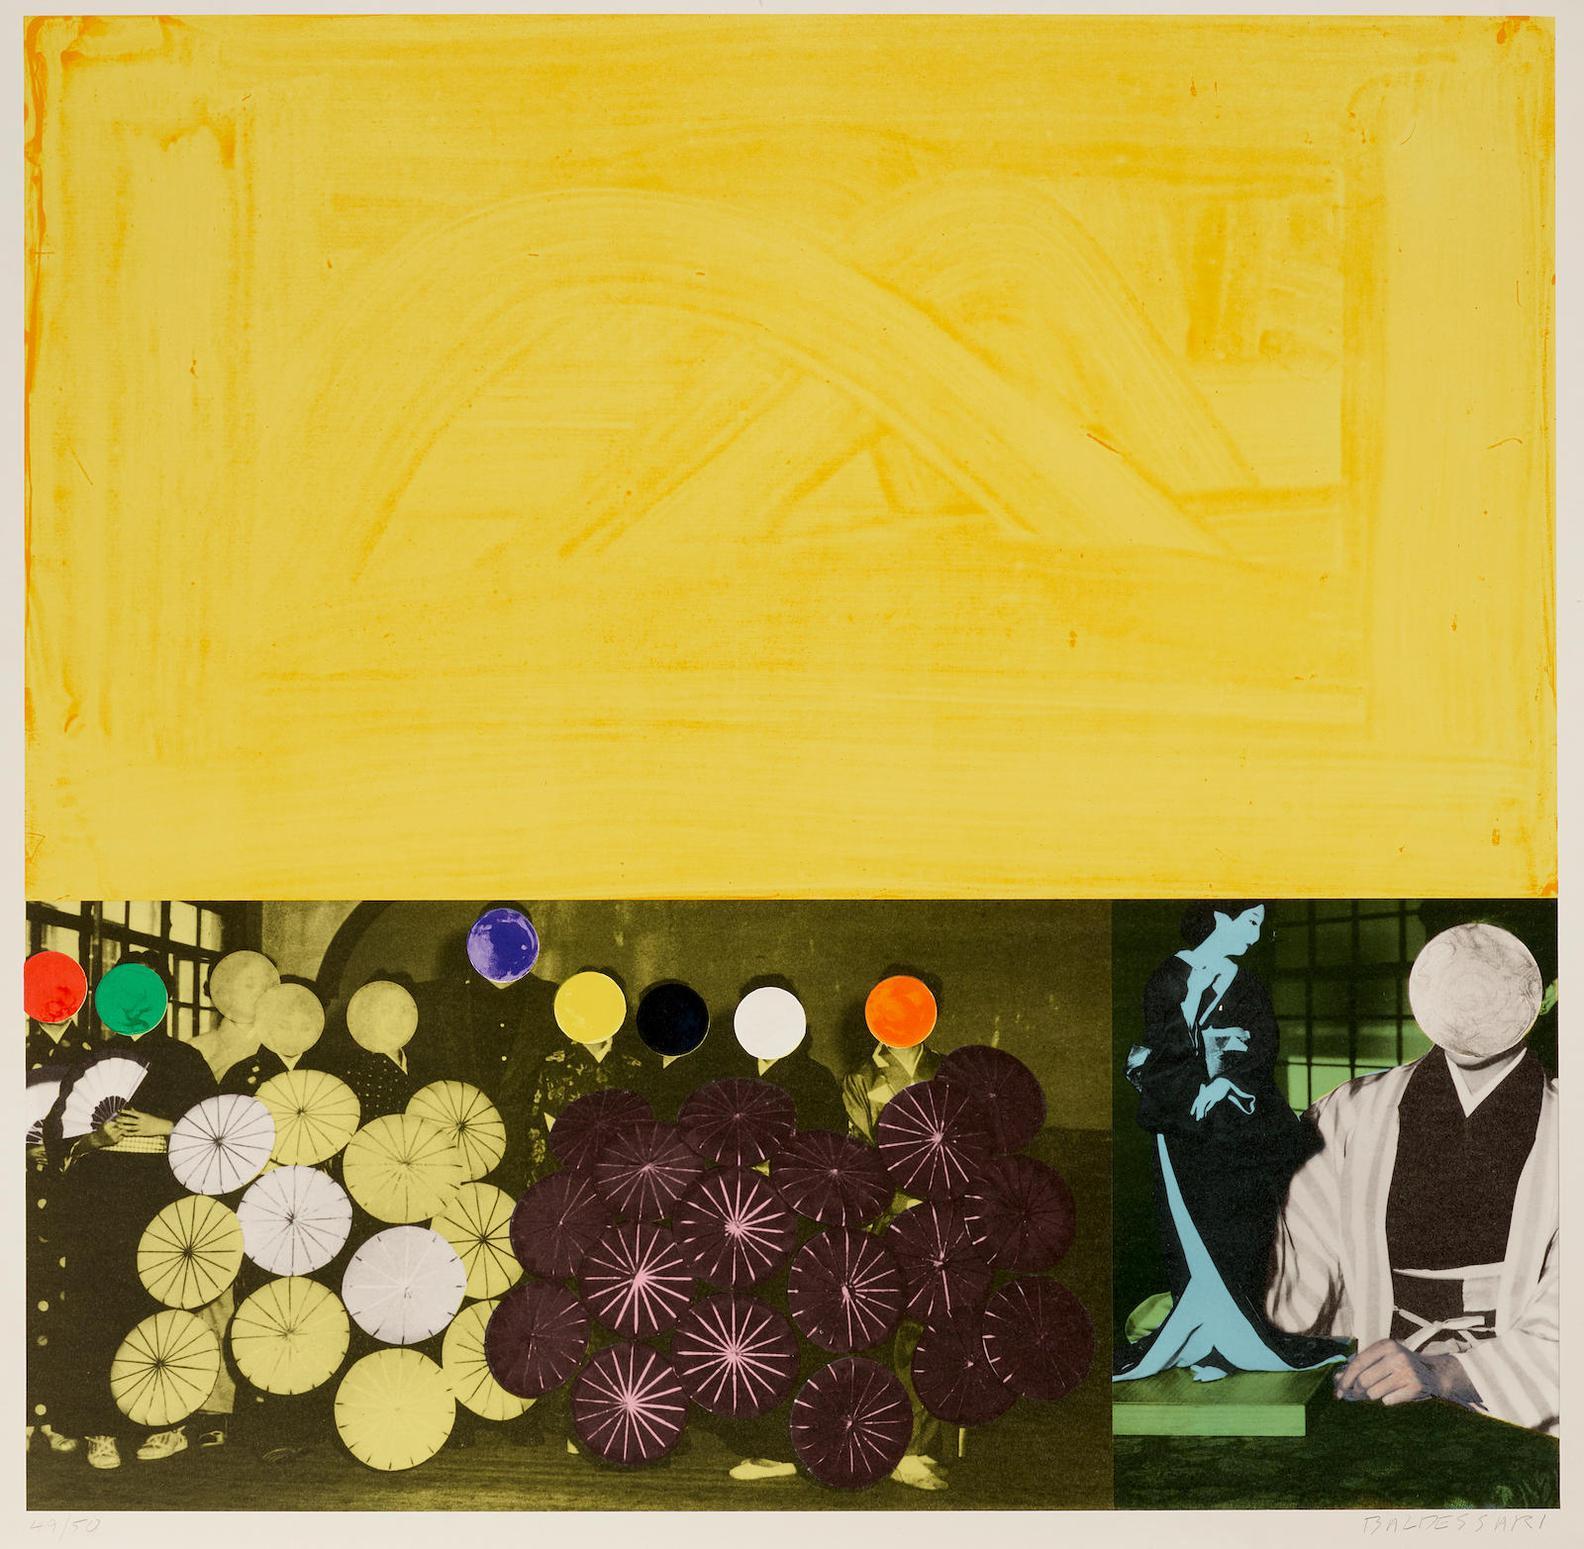 John Baldessari-Japanese (Yellow), From Cliche Series (C.H. 76)-1995